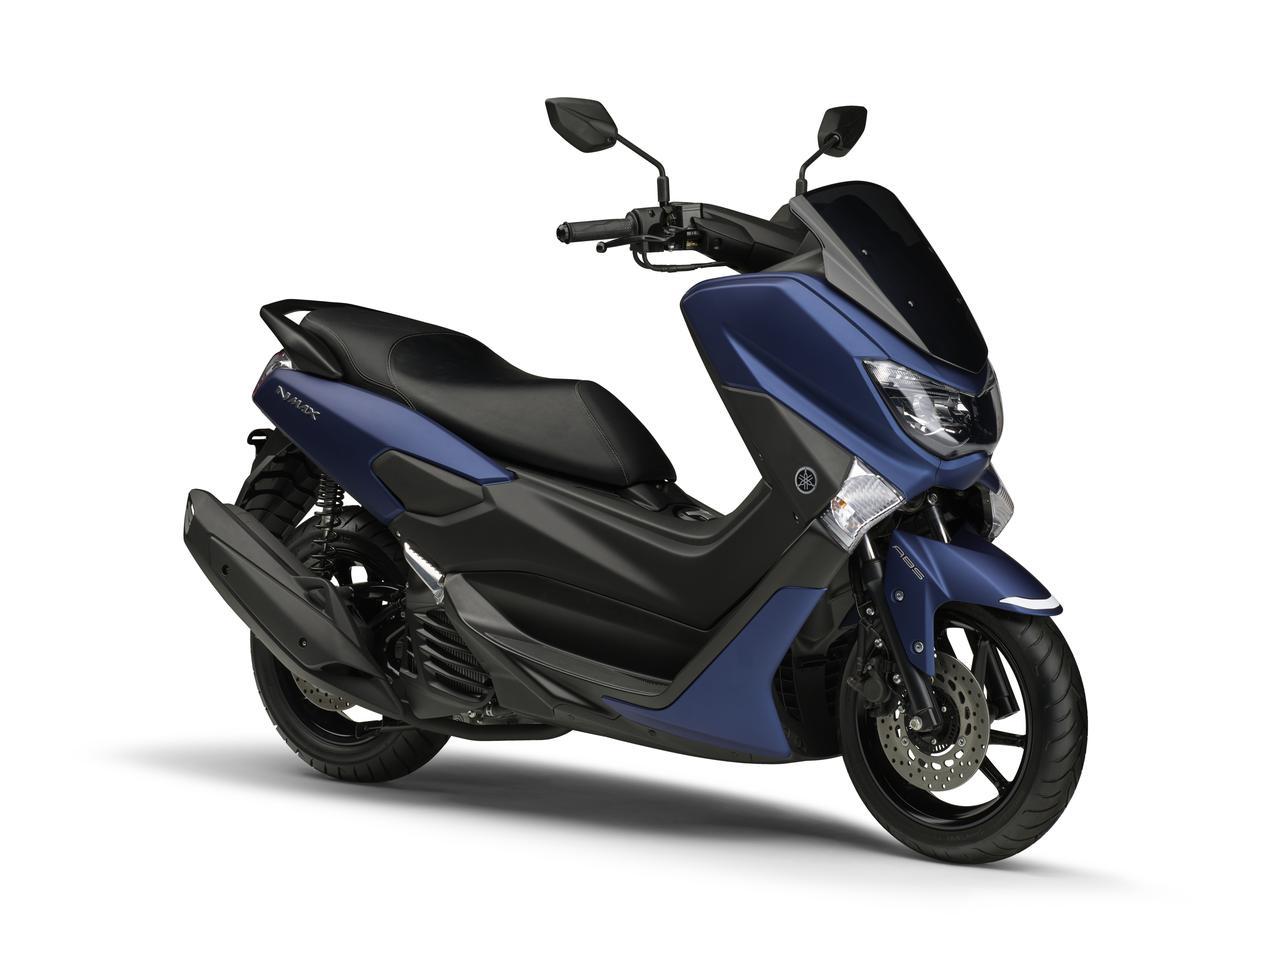 画像15: ヤマハ「NMAX ABS」(2020年)解説&試乗インプレ|YAMAHAで最も高価な125cc二輪スクーターの魅力とは?